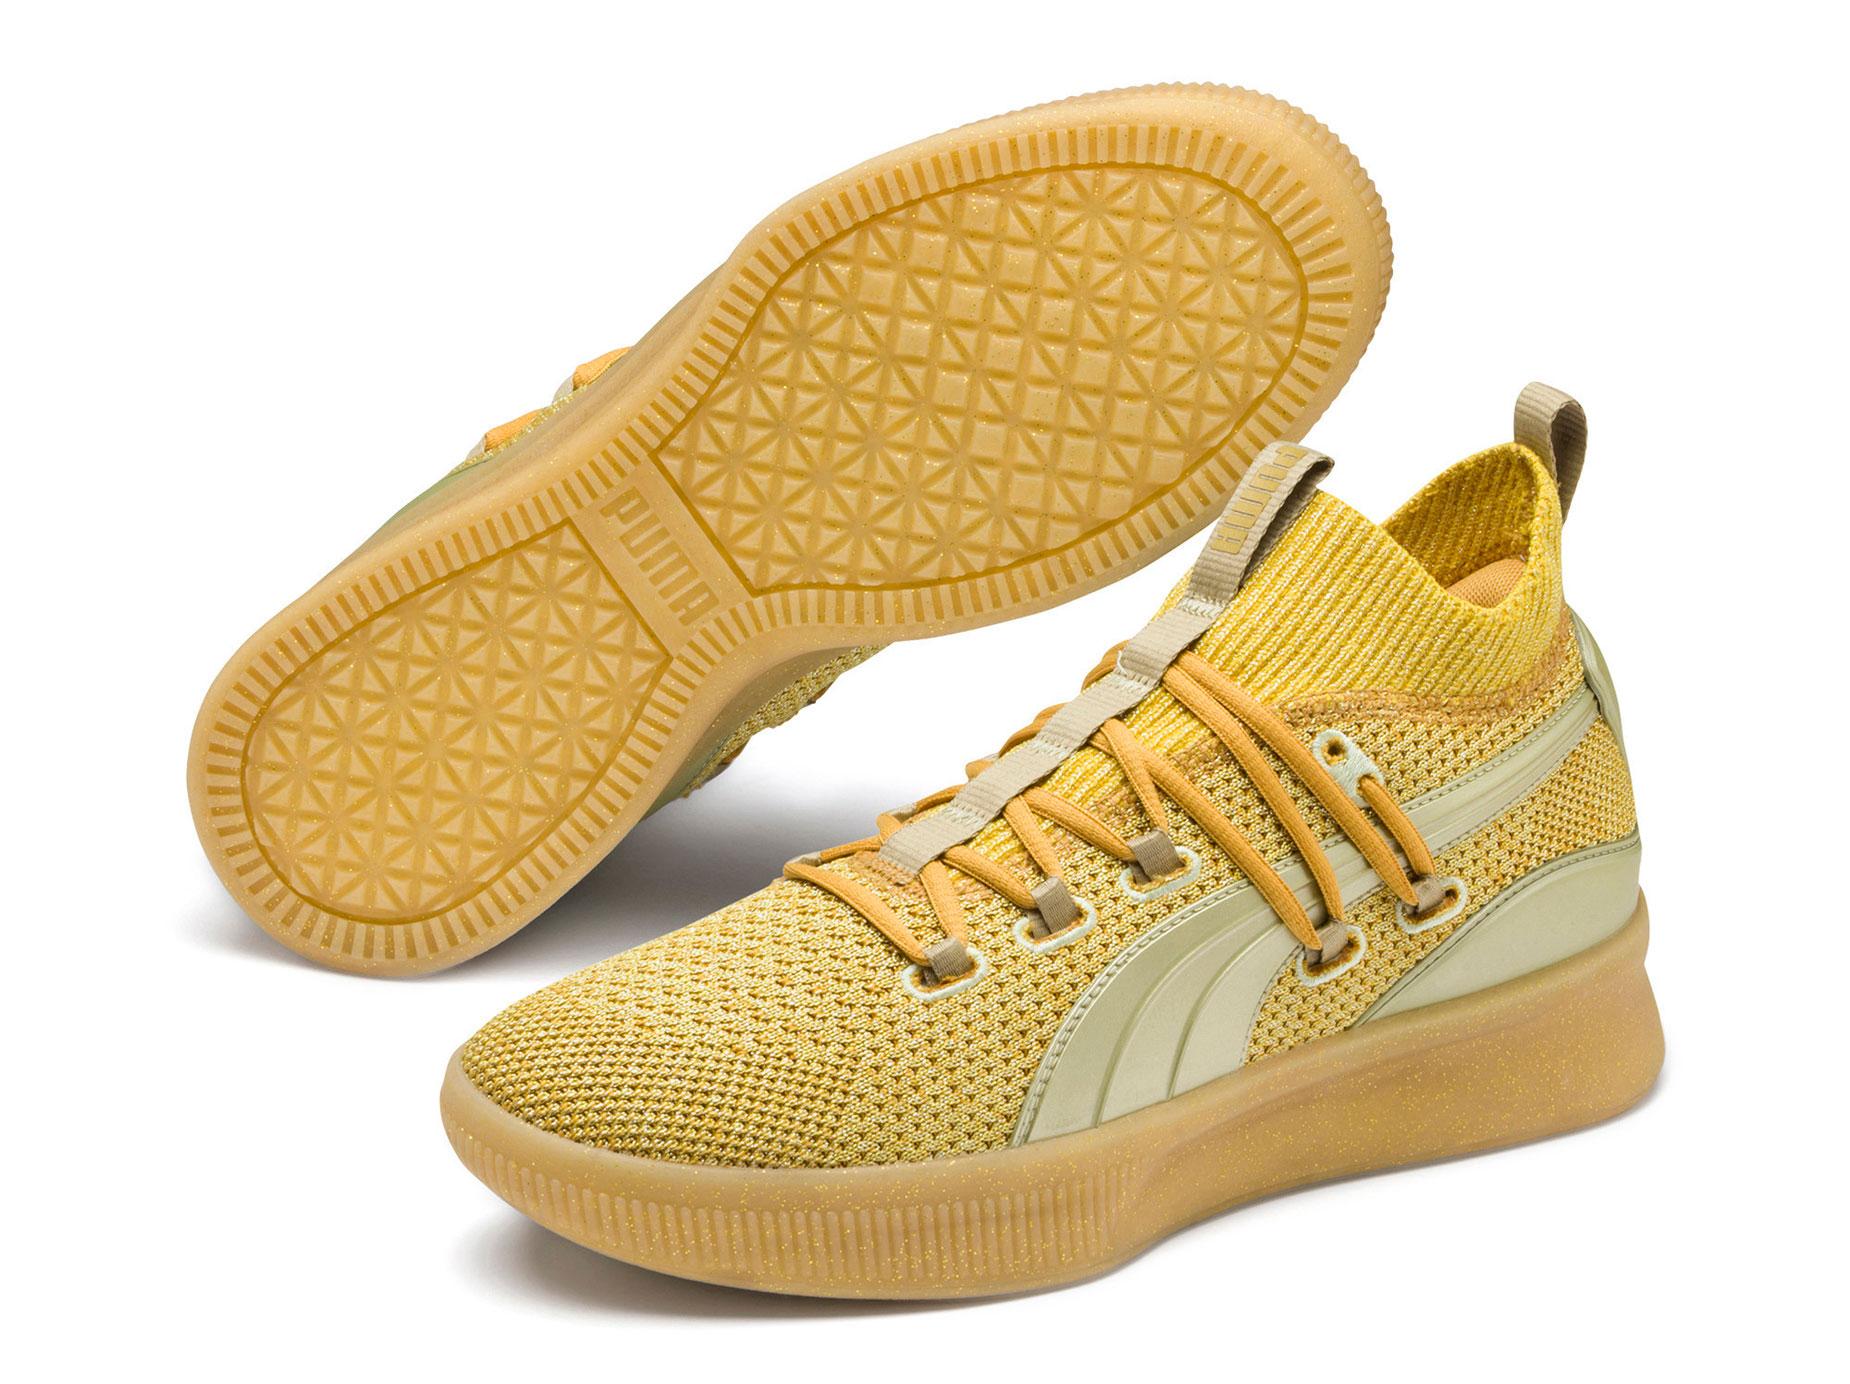 timeless design 64f21 dd2e8 Puma Clyde Court Gold Title Run Danny Green | SneakerFits.com